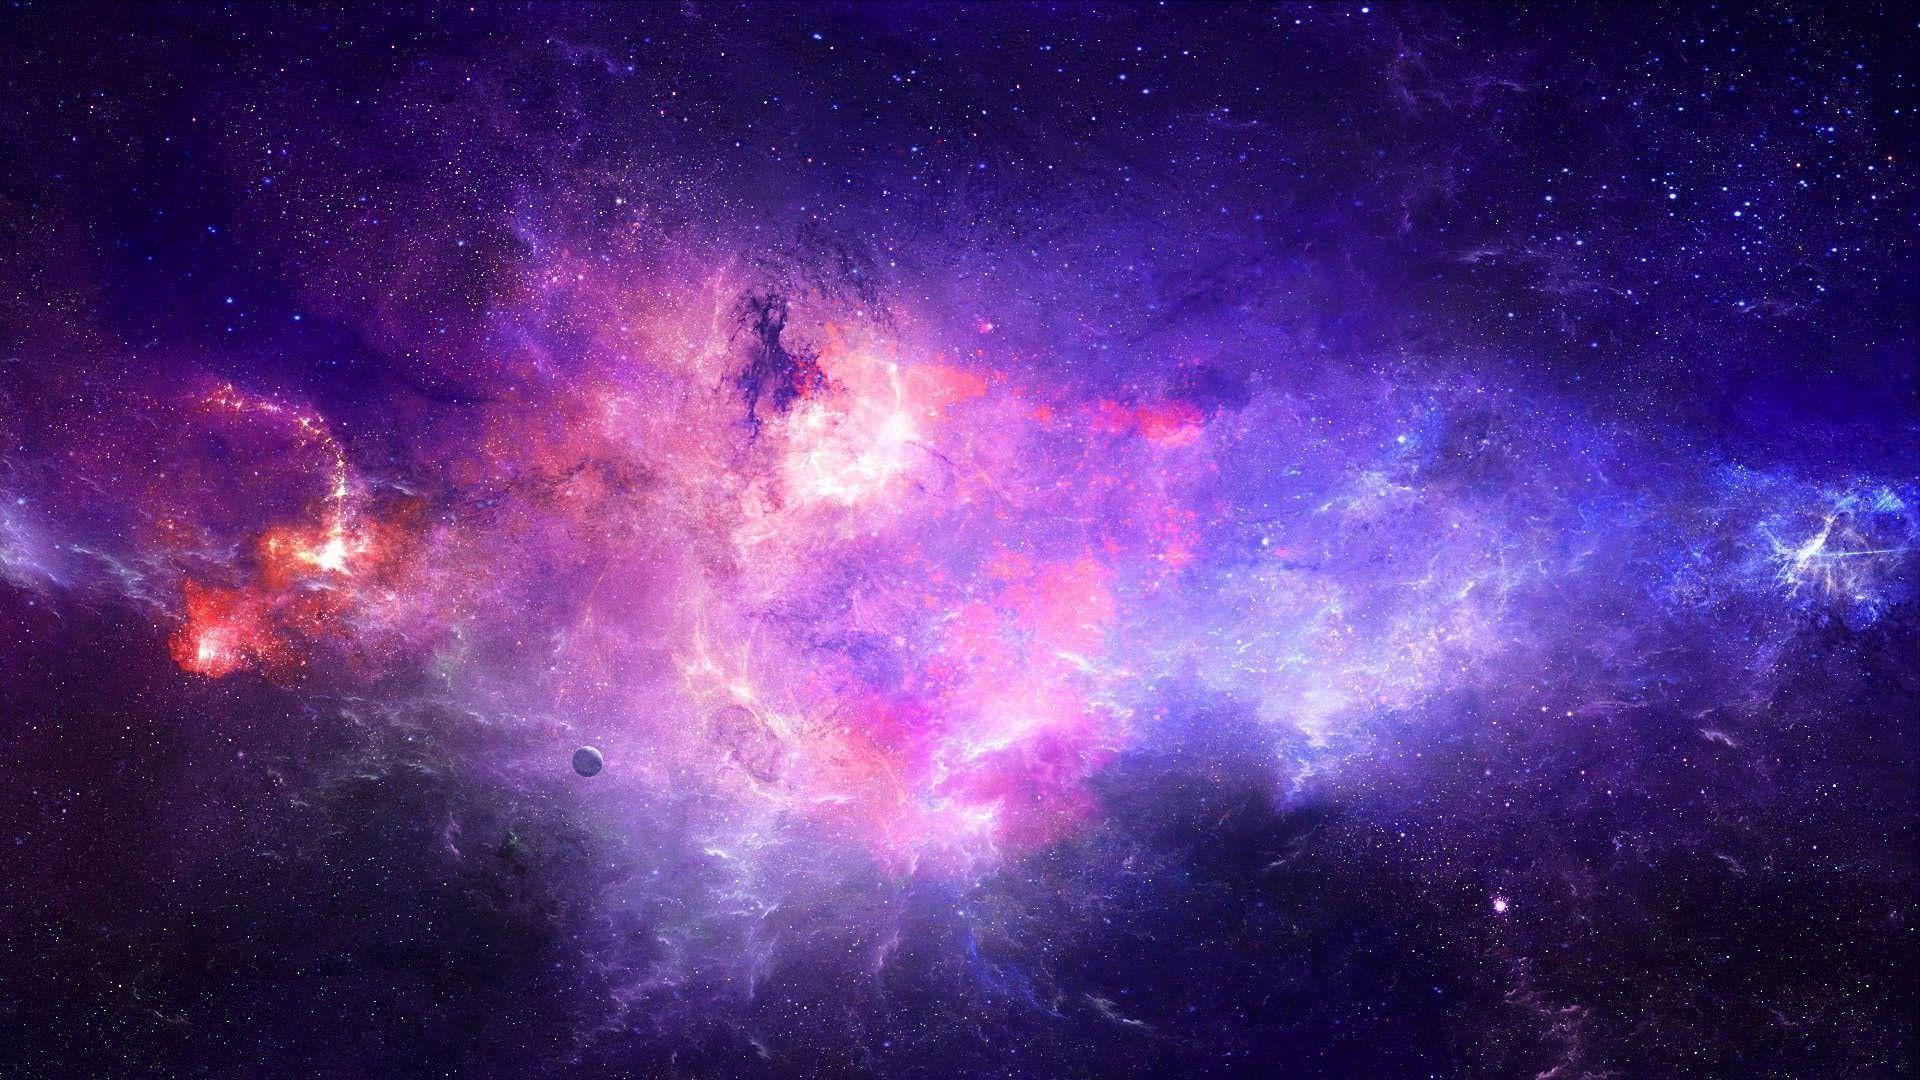 Hình galaxy vũ trụ đẹp cho máy tính